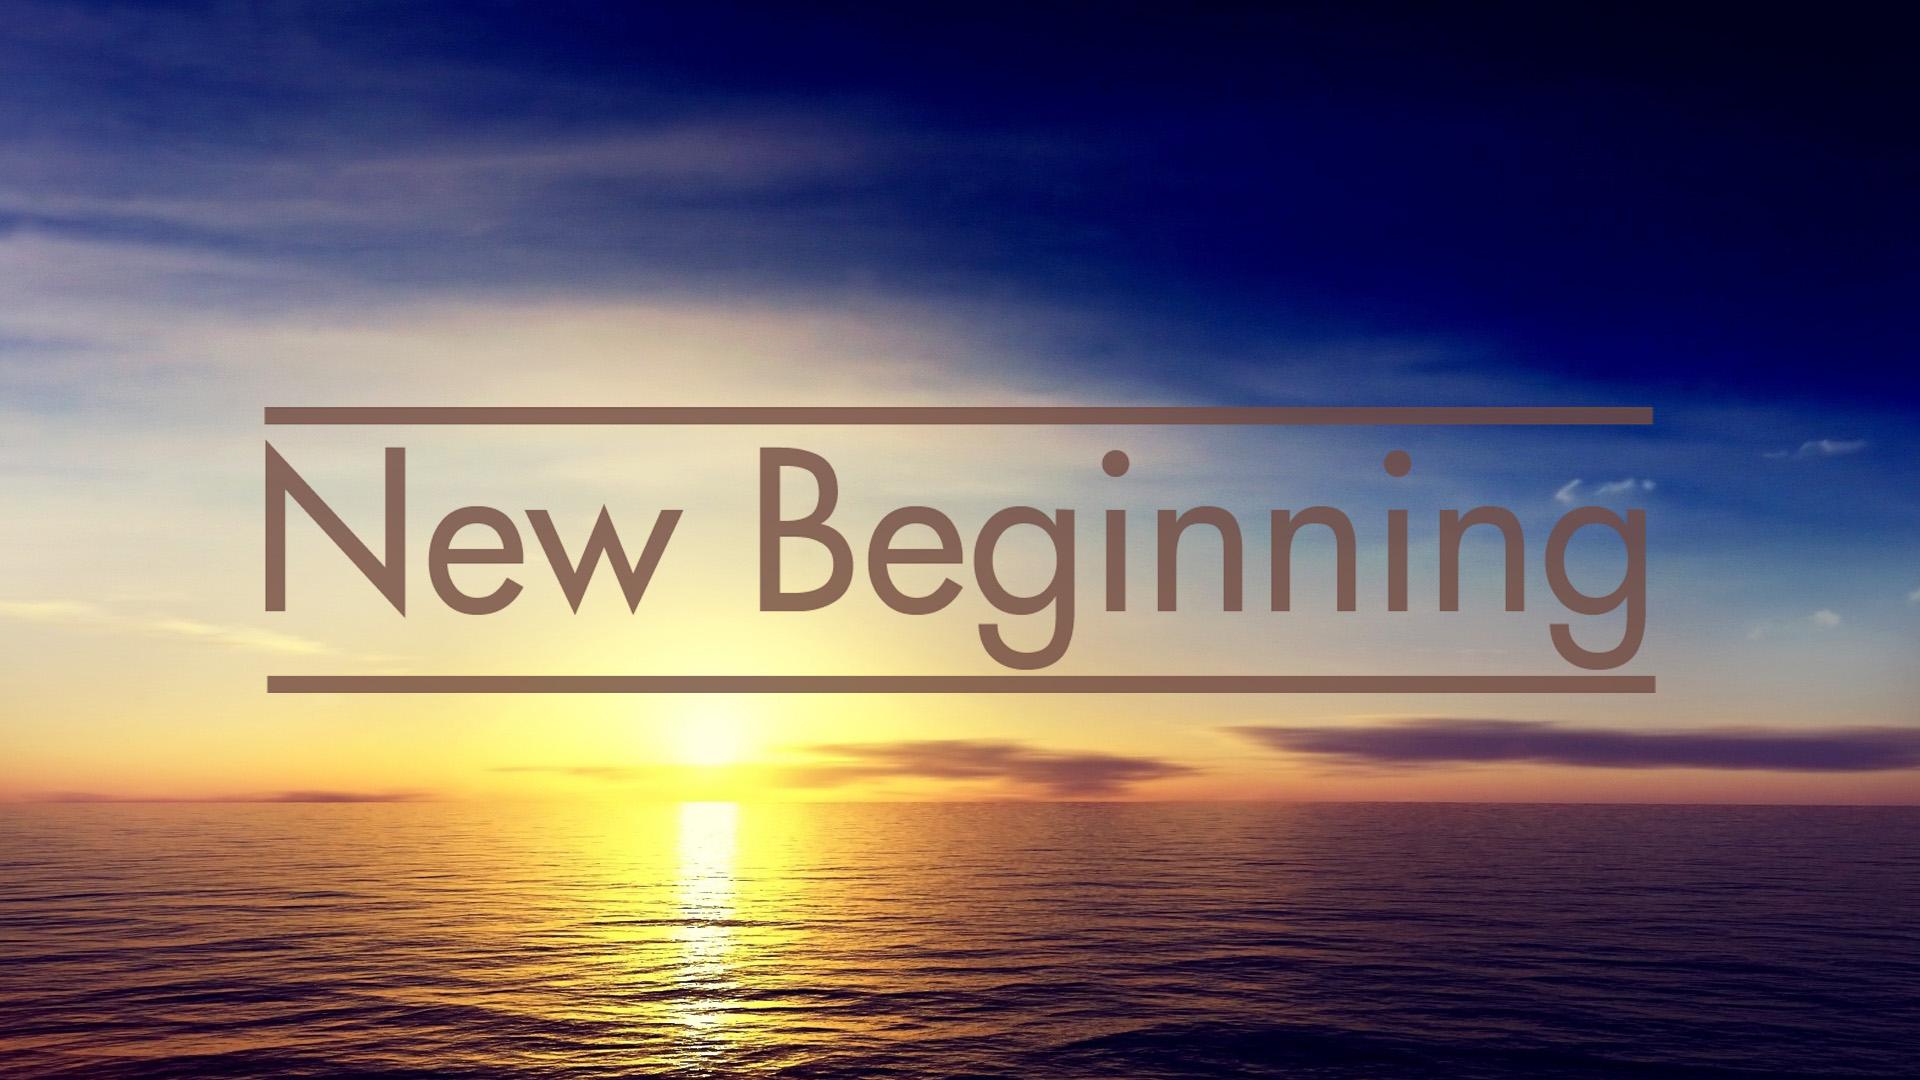 new_beginning_image_01